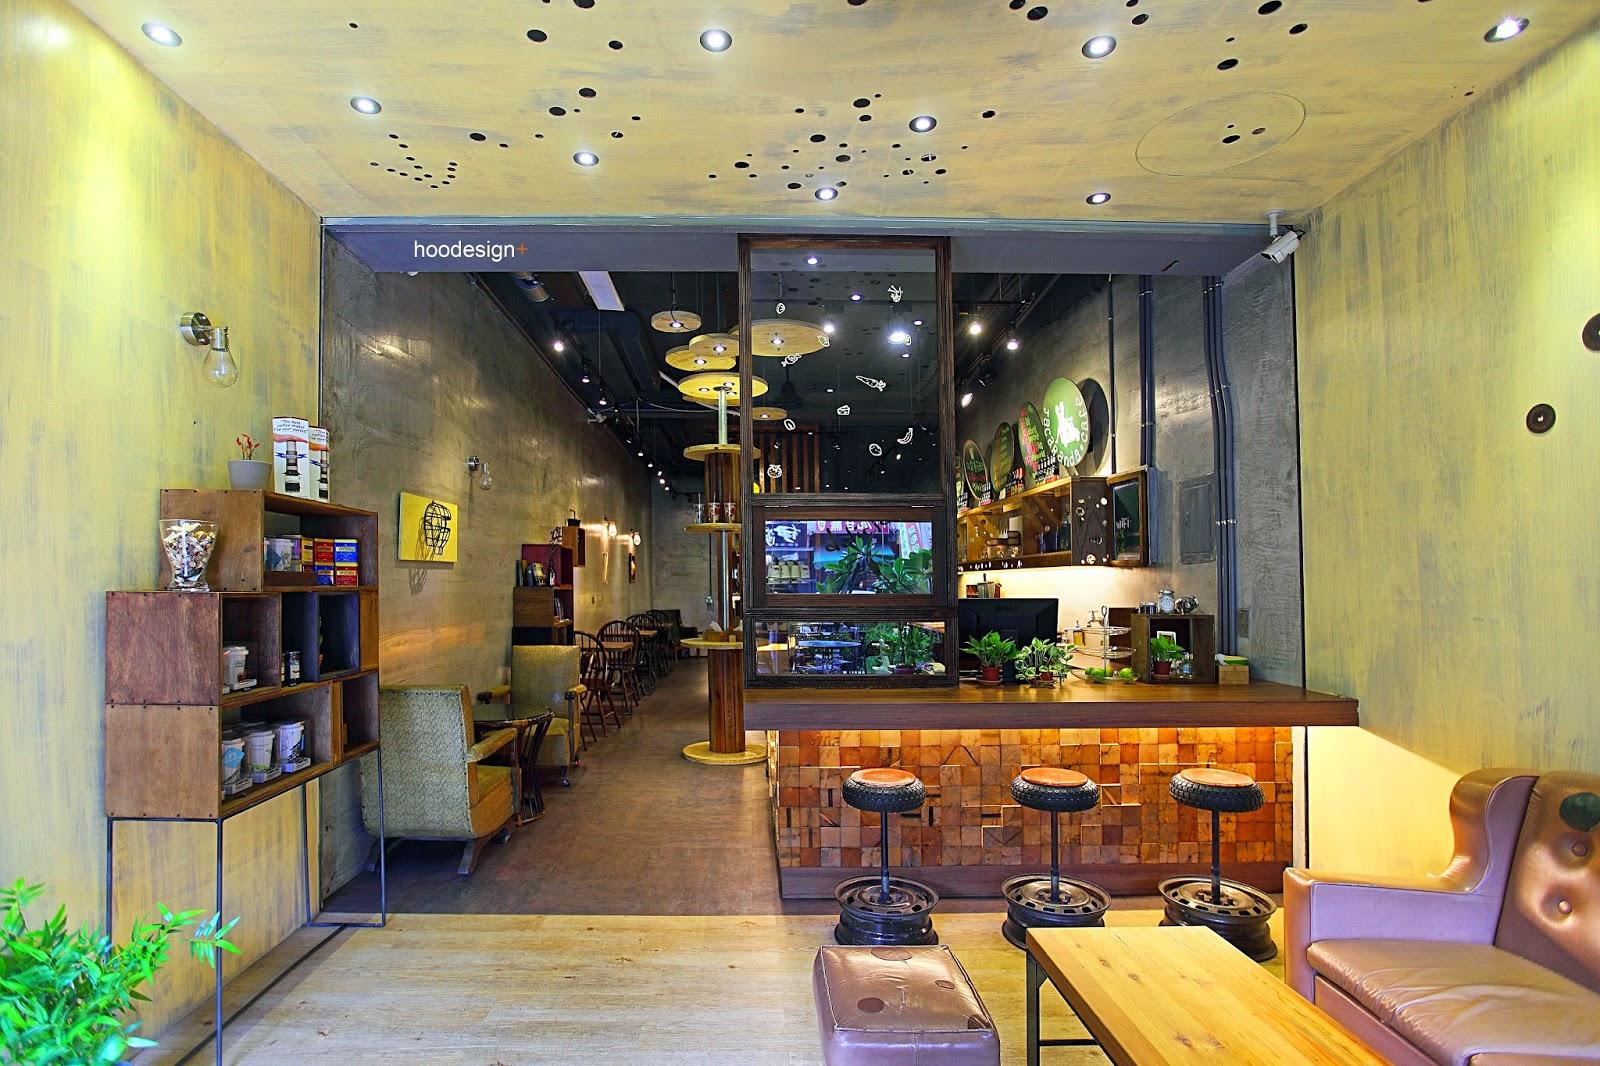 天生澳克 餐廳設計  胡淞智規劃、hoodesign+